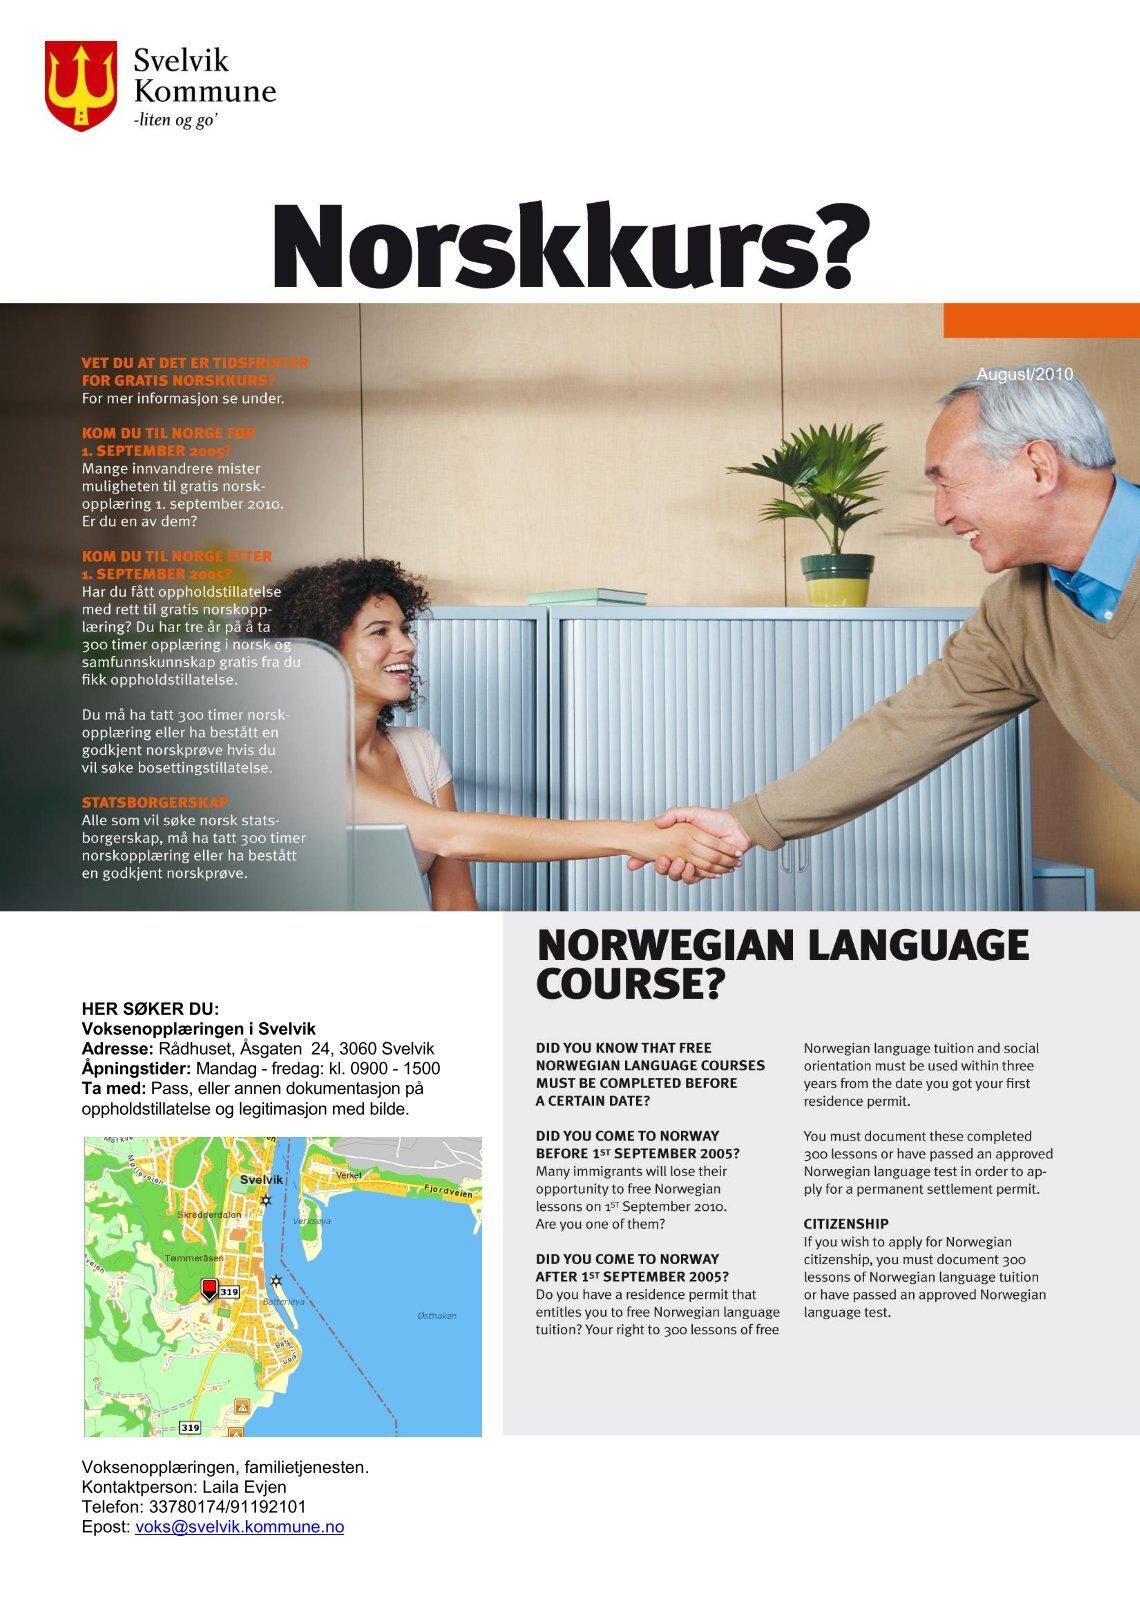 Norskkurs online dating